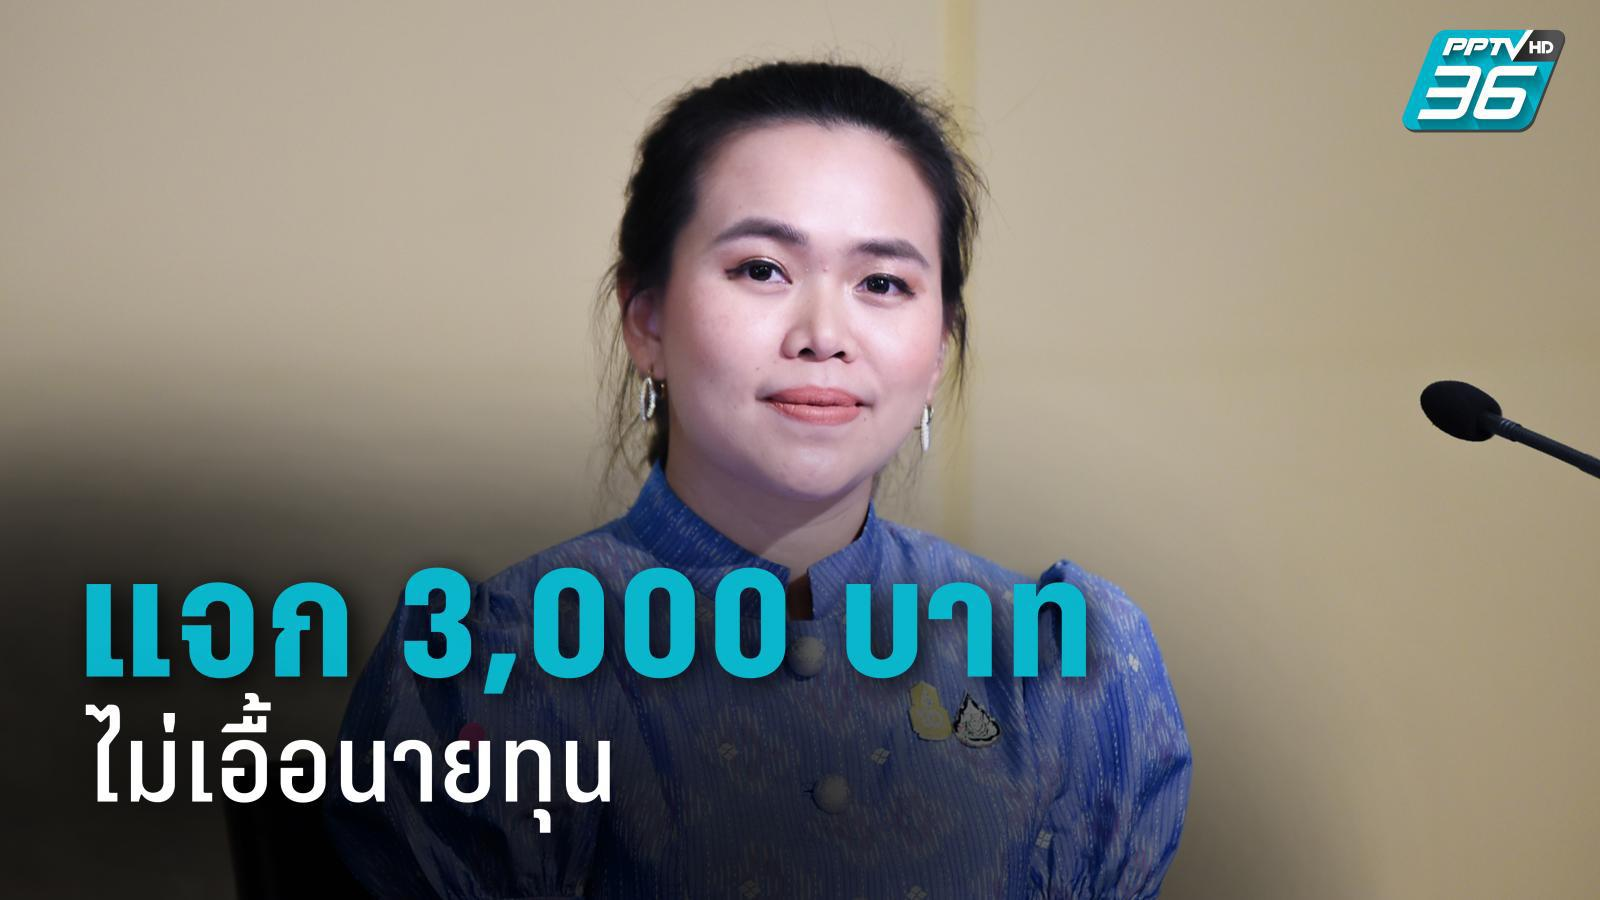 รัฐบาล ยันให้ประชาชน 15 ล้านสิทธิ์ รับ 3,000 บาท ไม่เอื้อทุนใหญ่